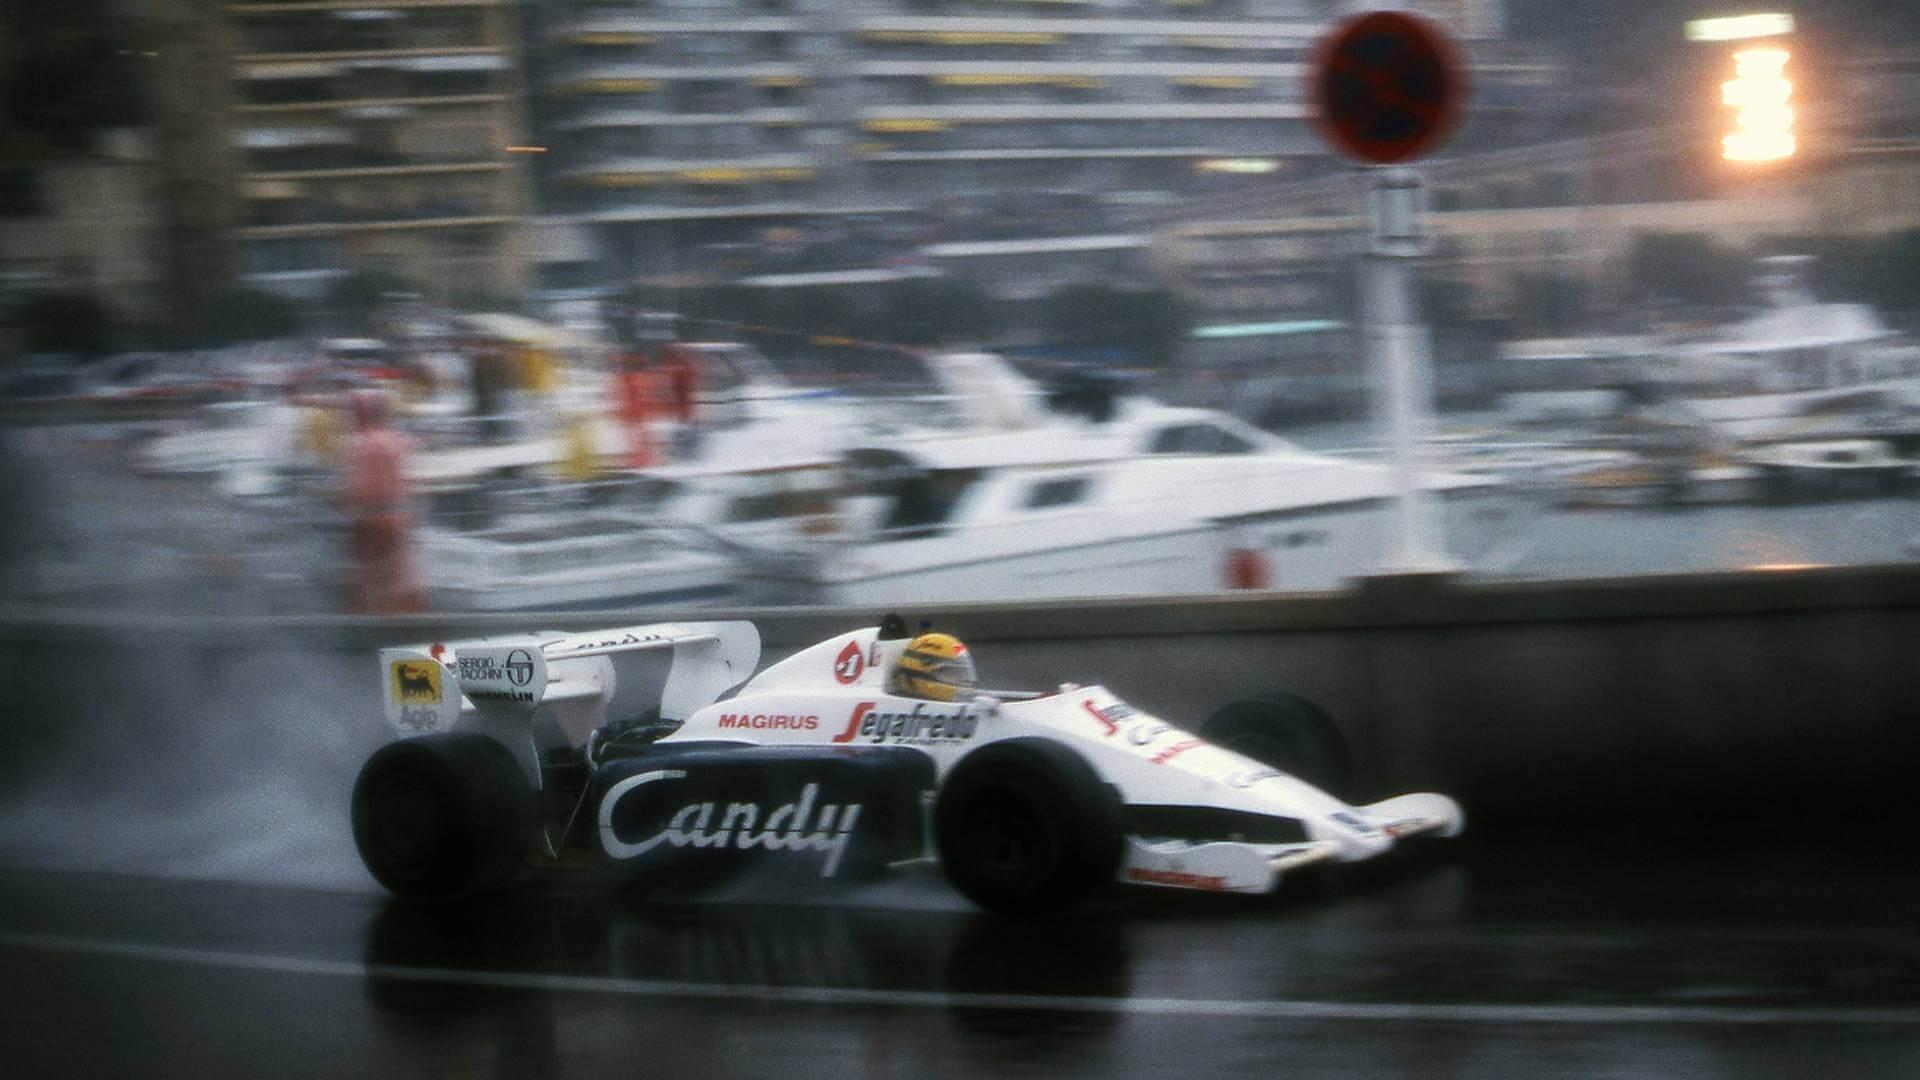 Senna en el Toleman en el diluvio de Mónaco